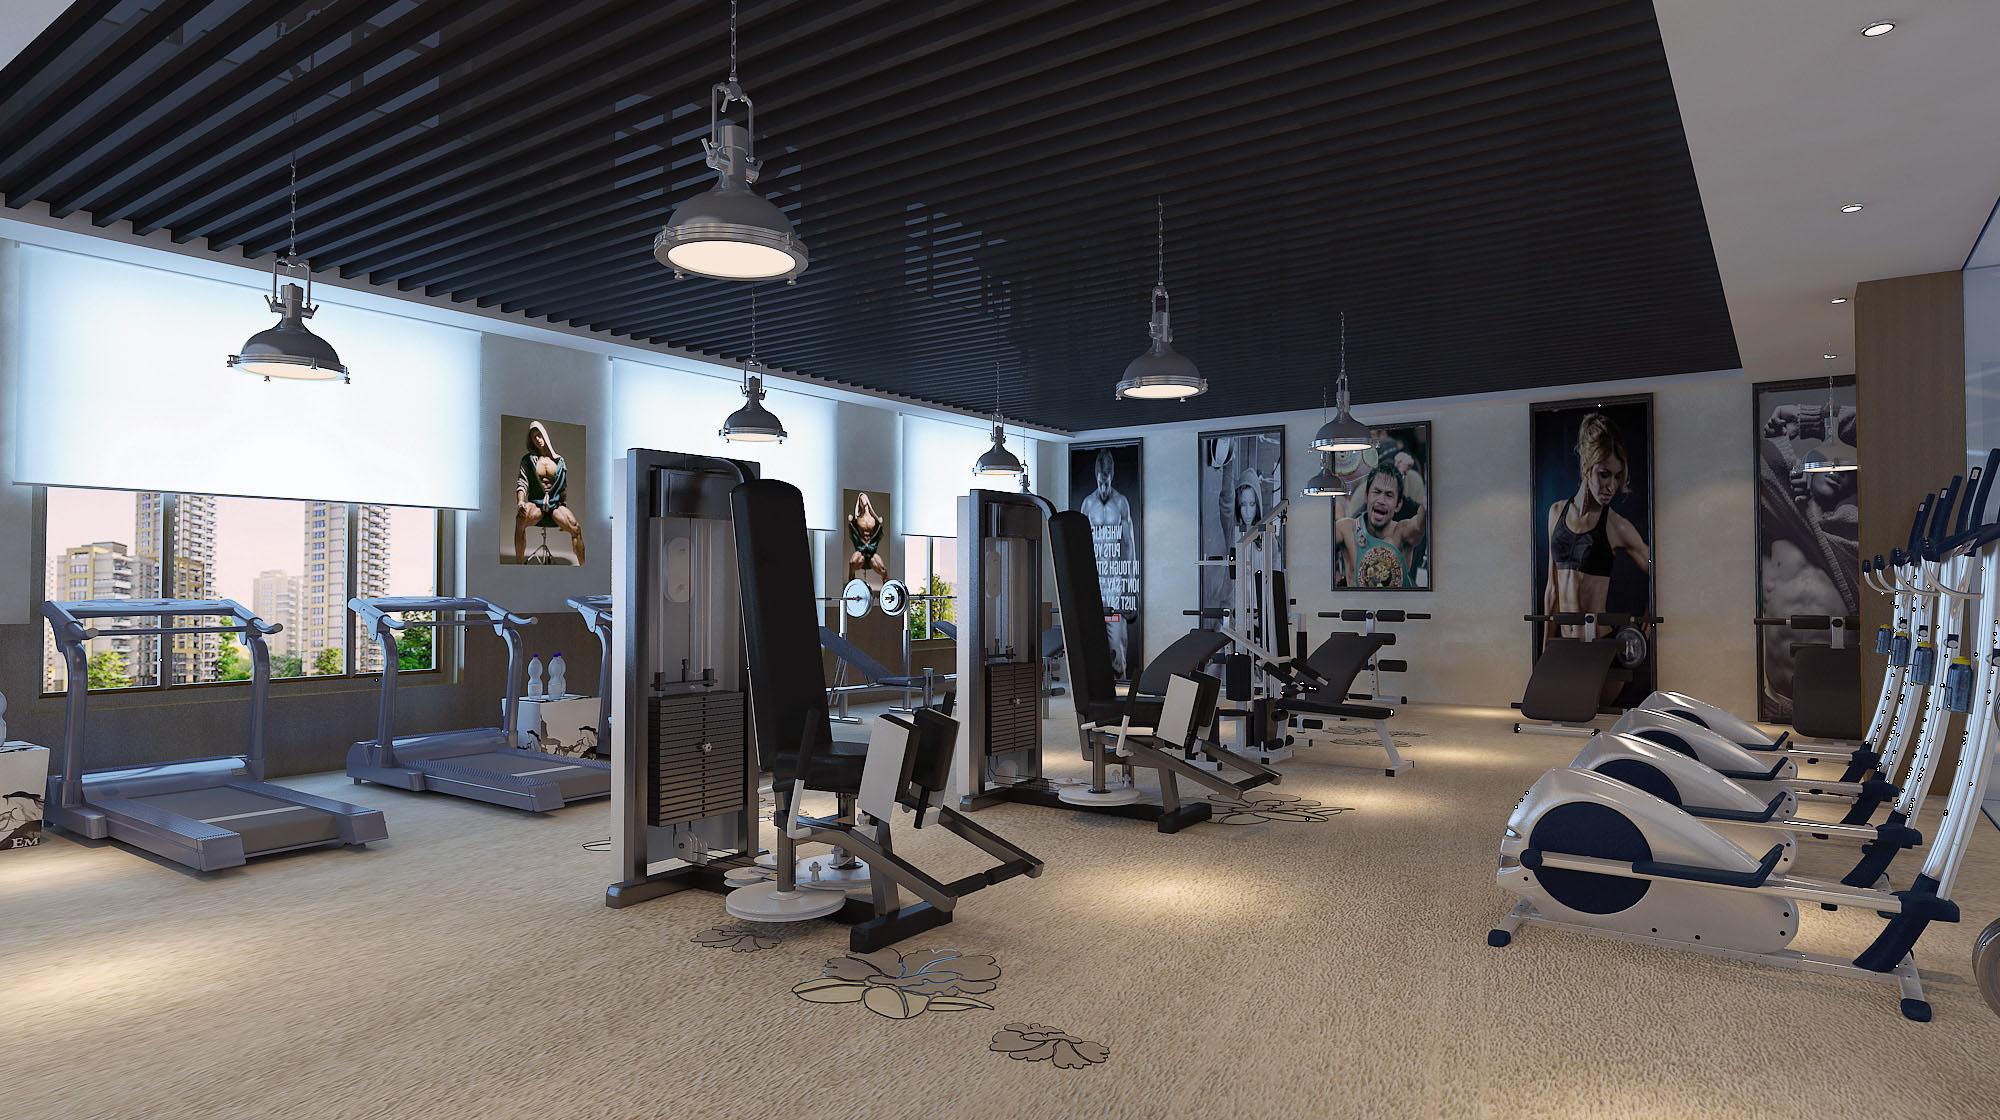 苏州私人健身会所装修|高端健身房装修|瑜伽馆装修设计图片